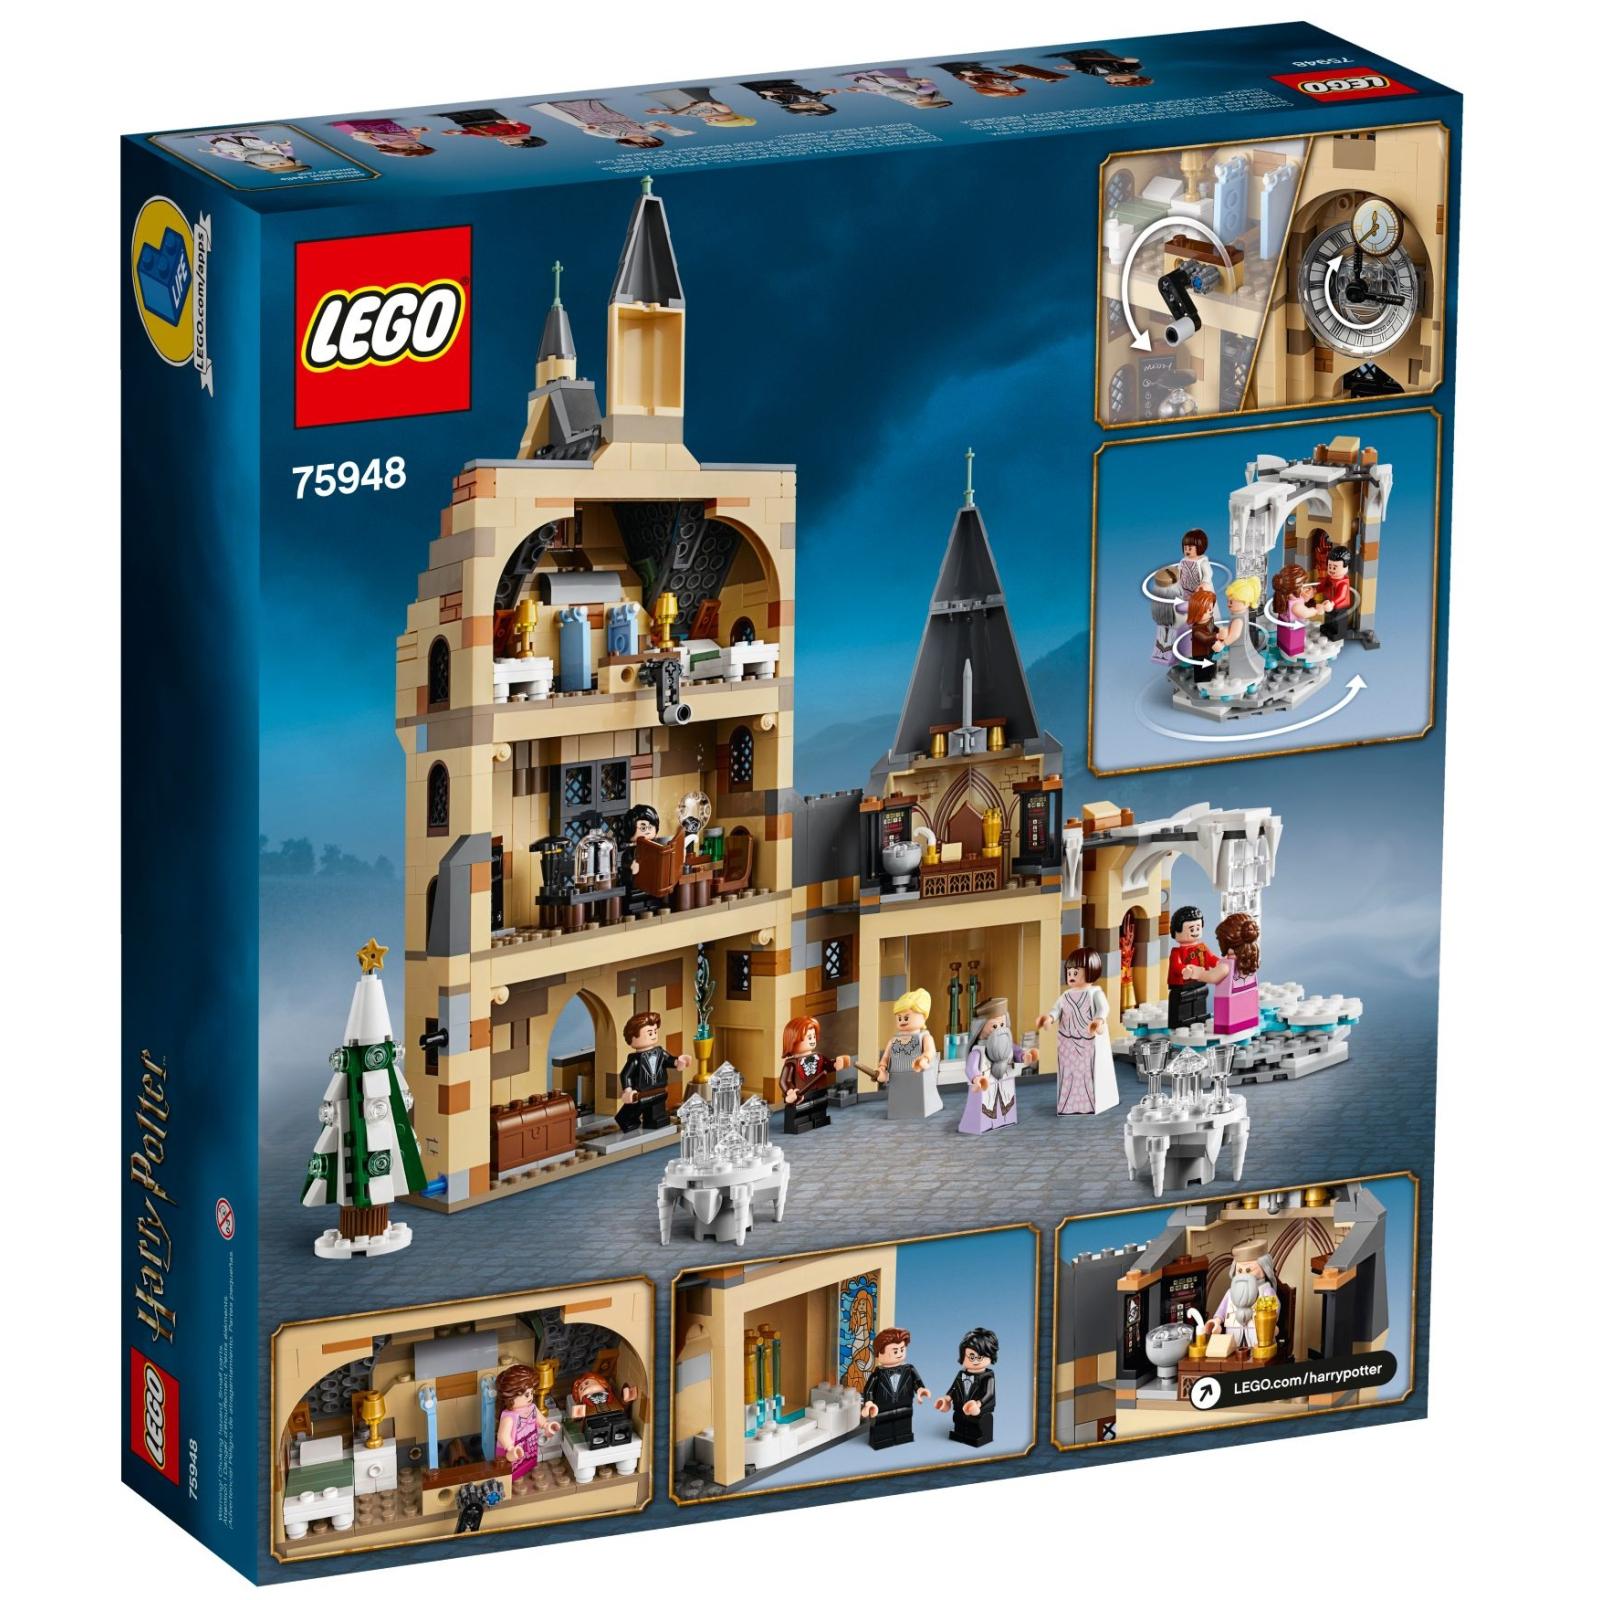 Конструктор LEGO Harry Potter Часовая башня Хогвартса 922 детали (75948) изображение 5